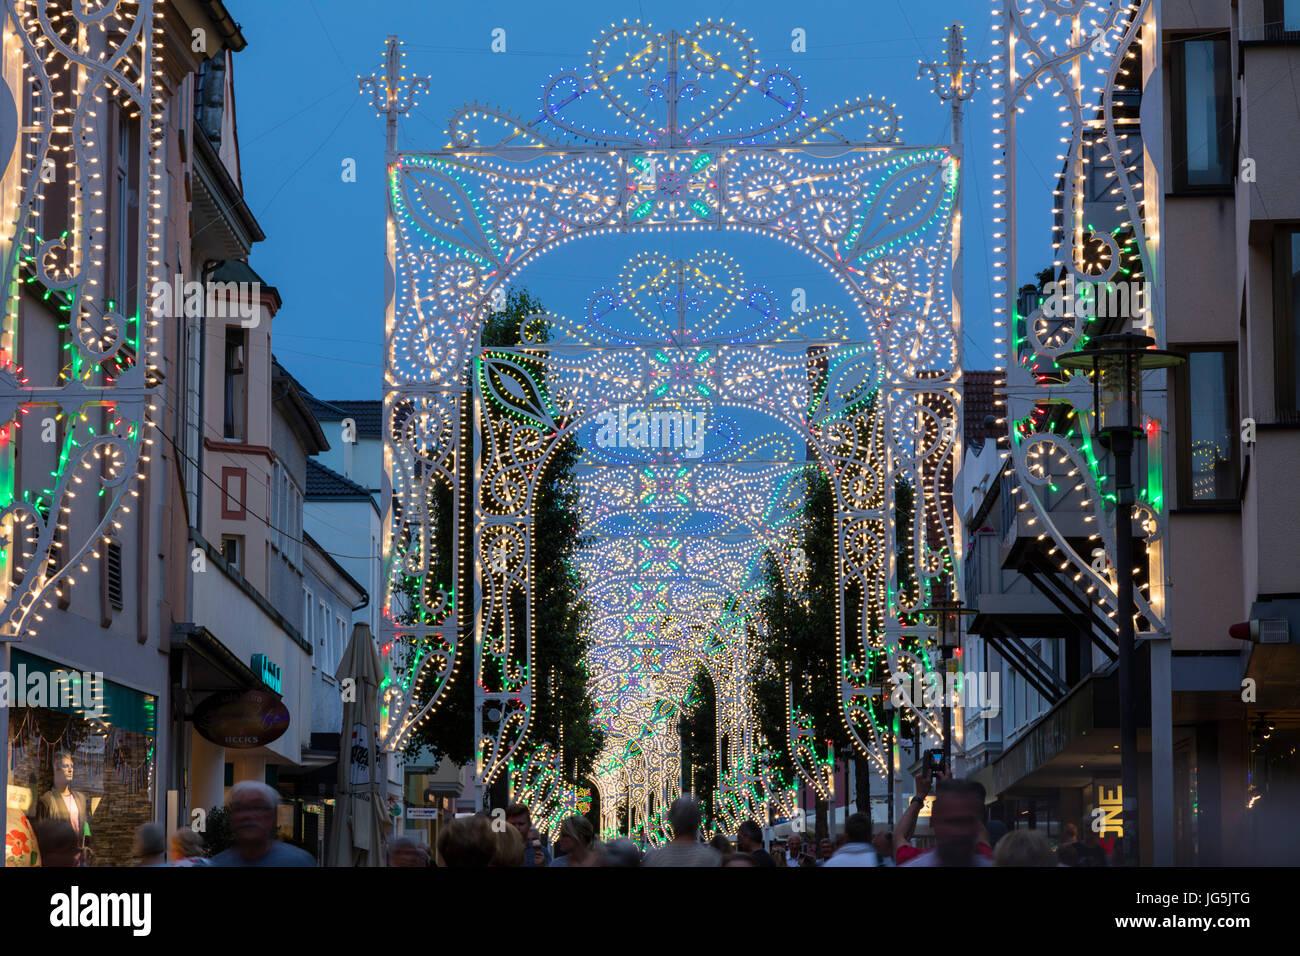 Archi di luce nella zona pedonale, Italiano Festa Festa Italiana, Unna, zona della Ruhr, Nord Reno-Westfalia, Germania Immagini Stock